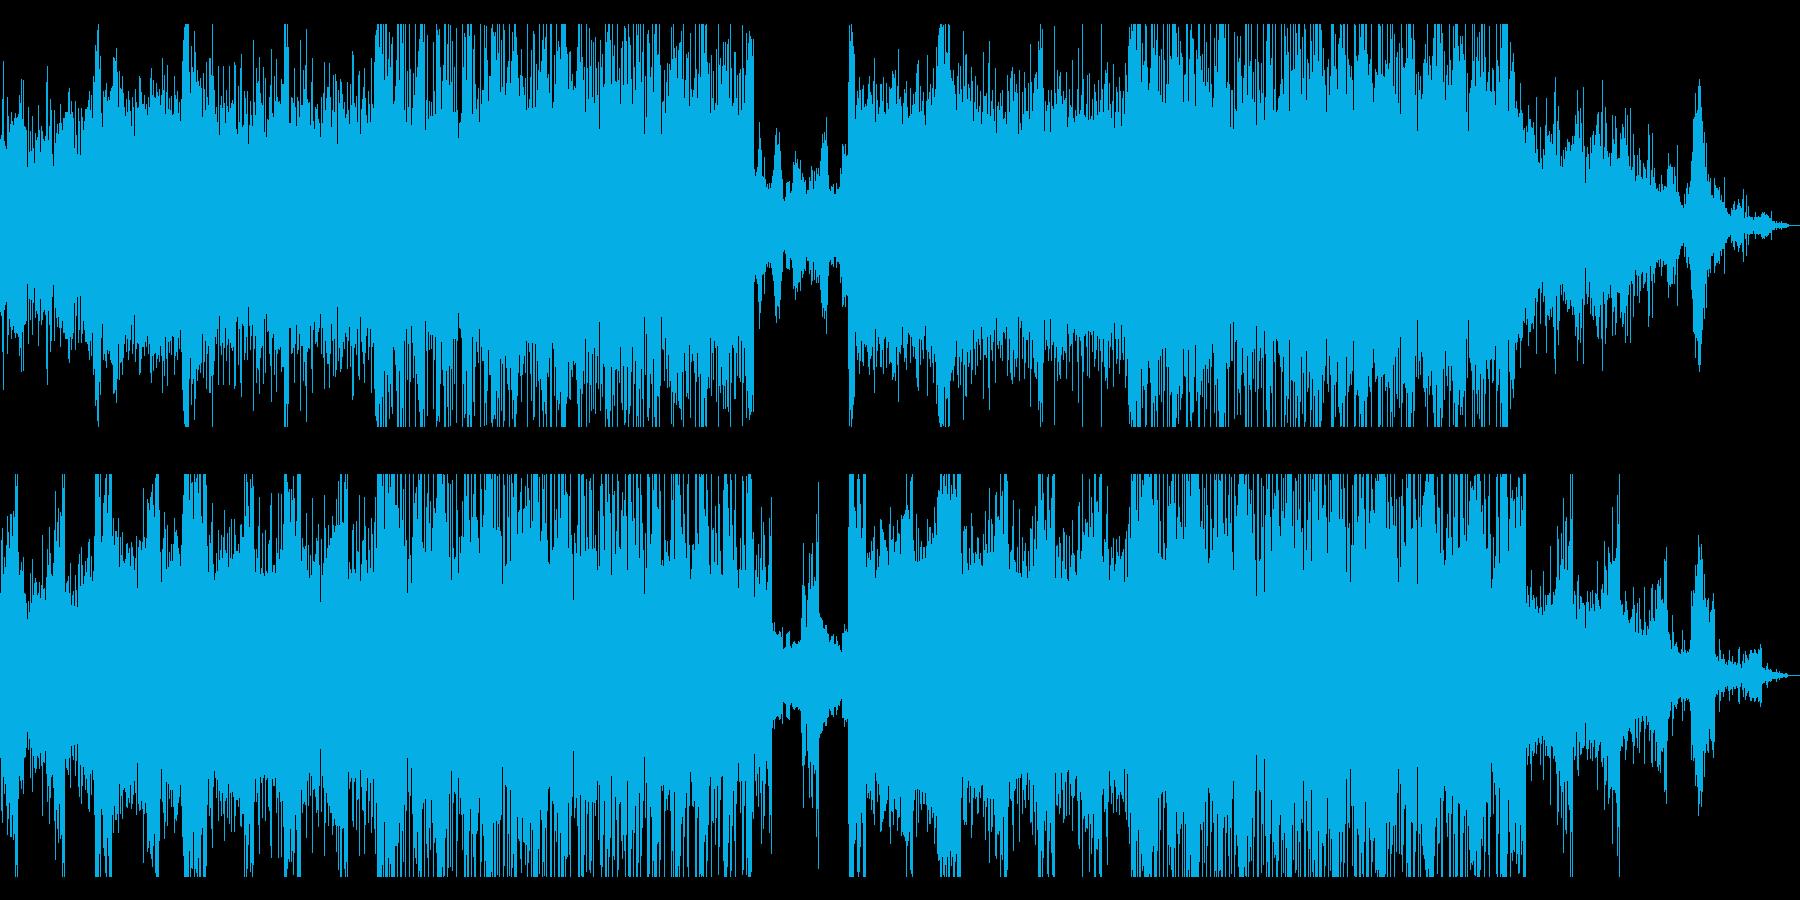 エピックでメカニカルなアンビエントIDMの再生済みの波形